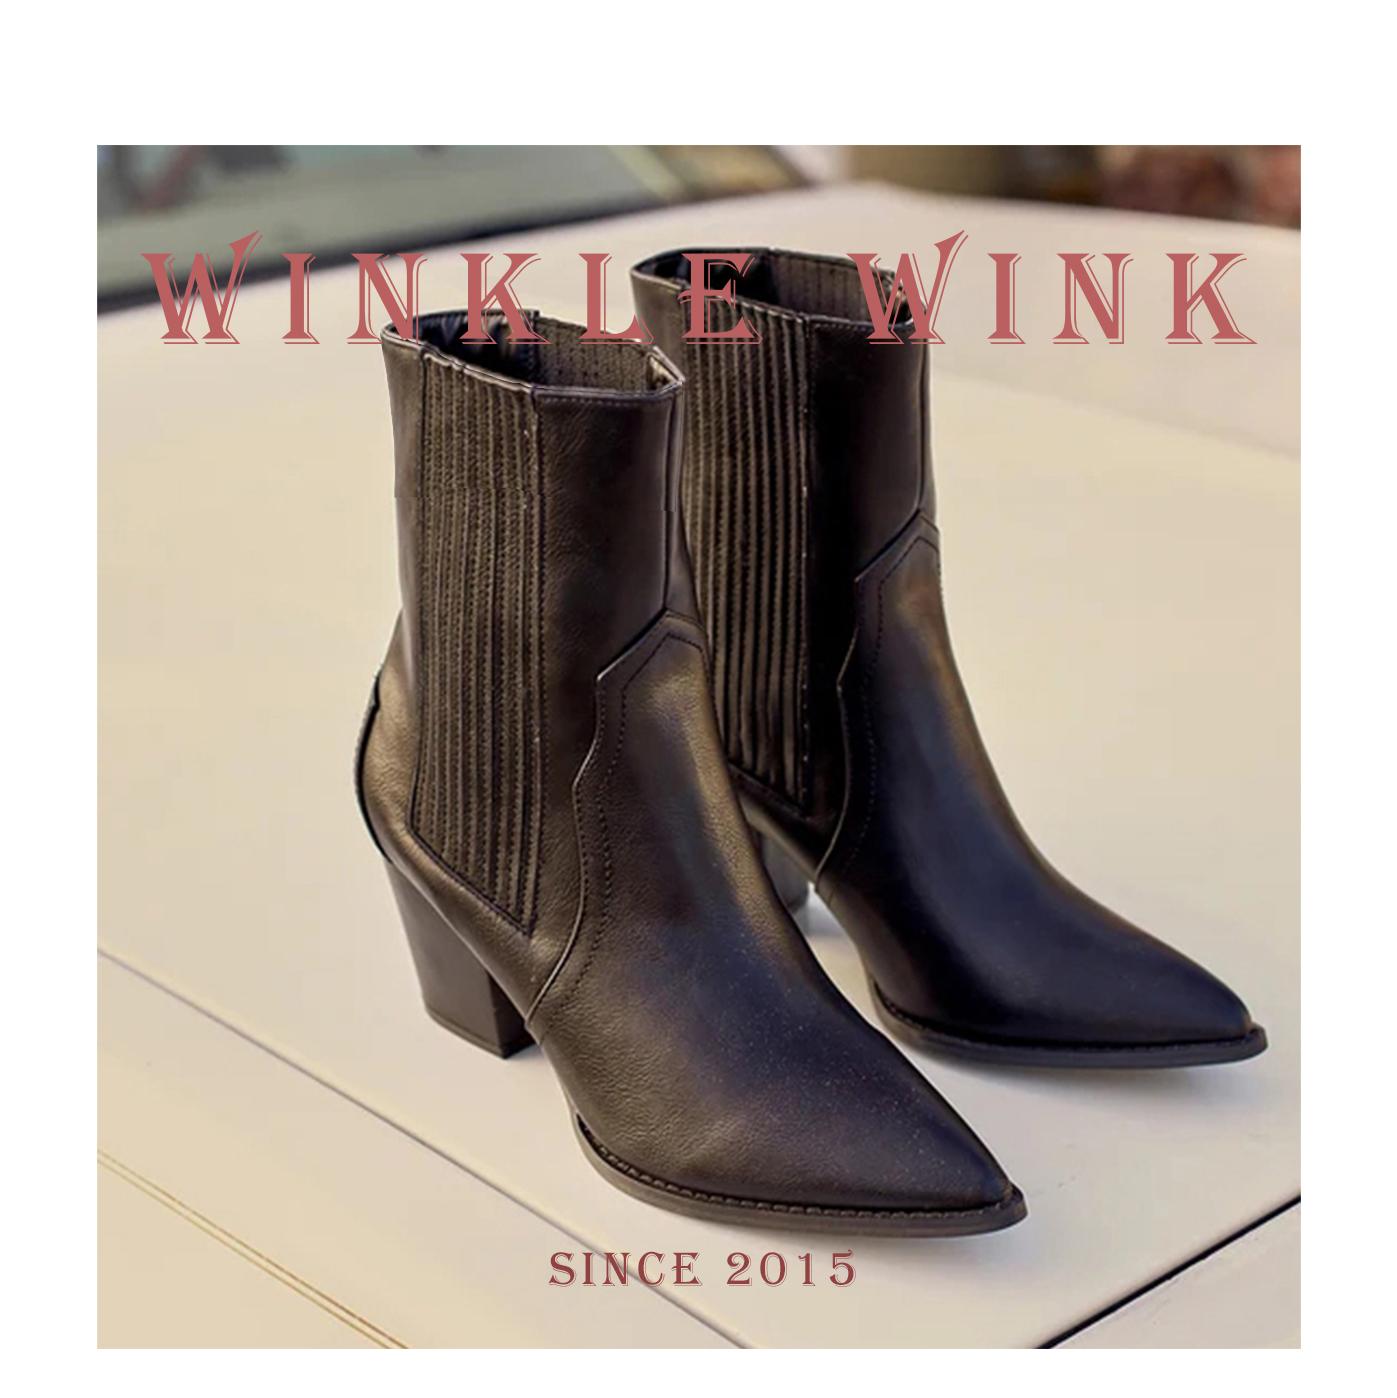 Winkle Wink  